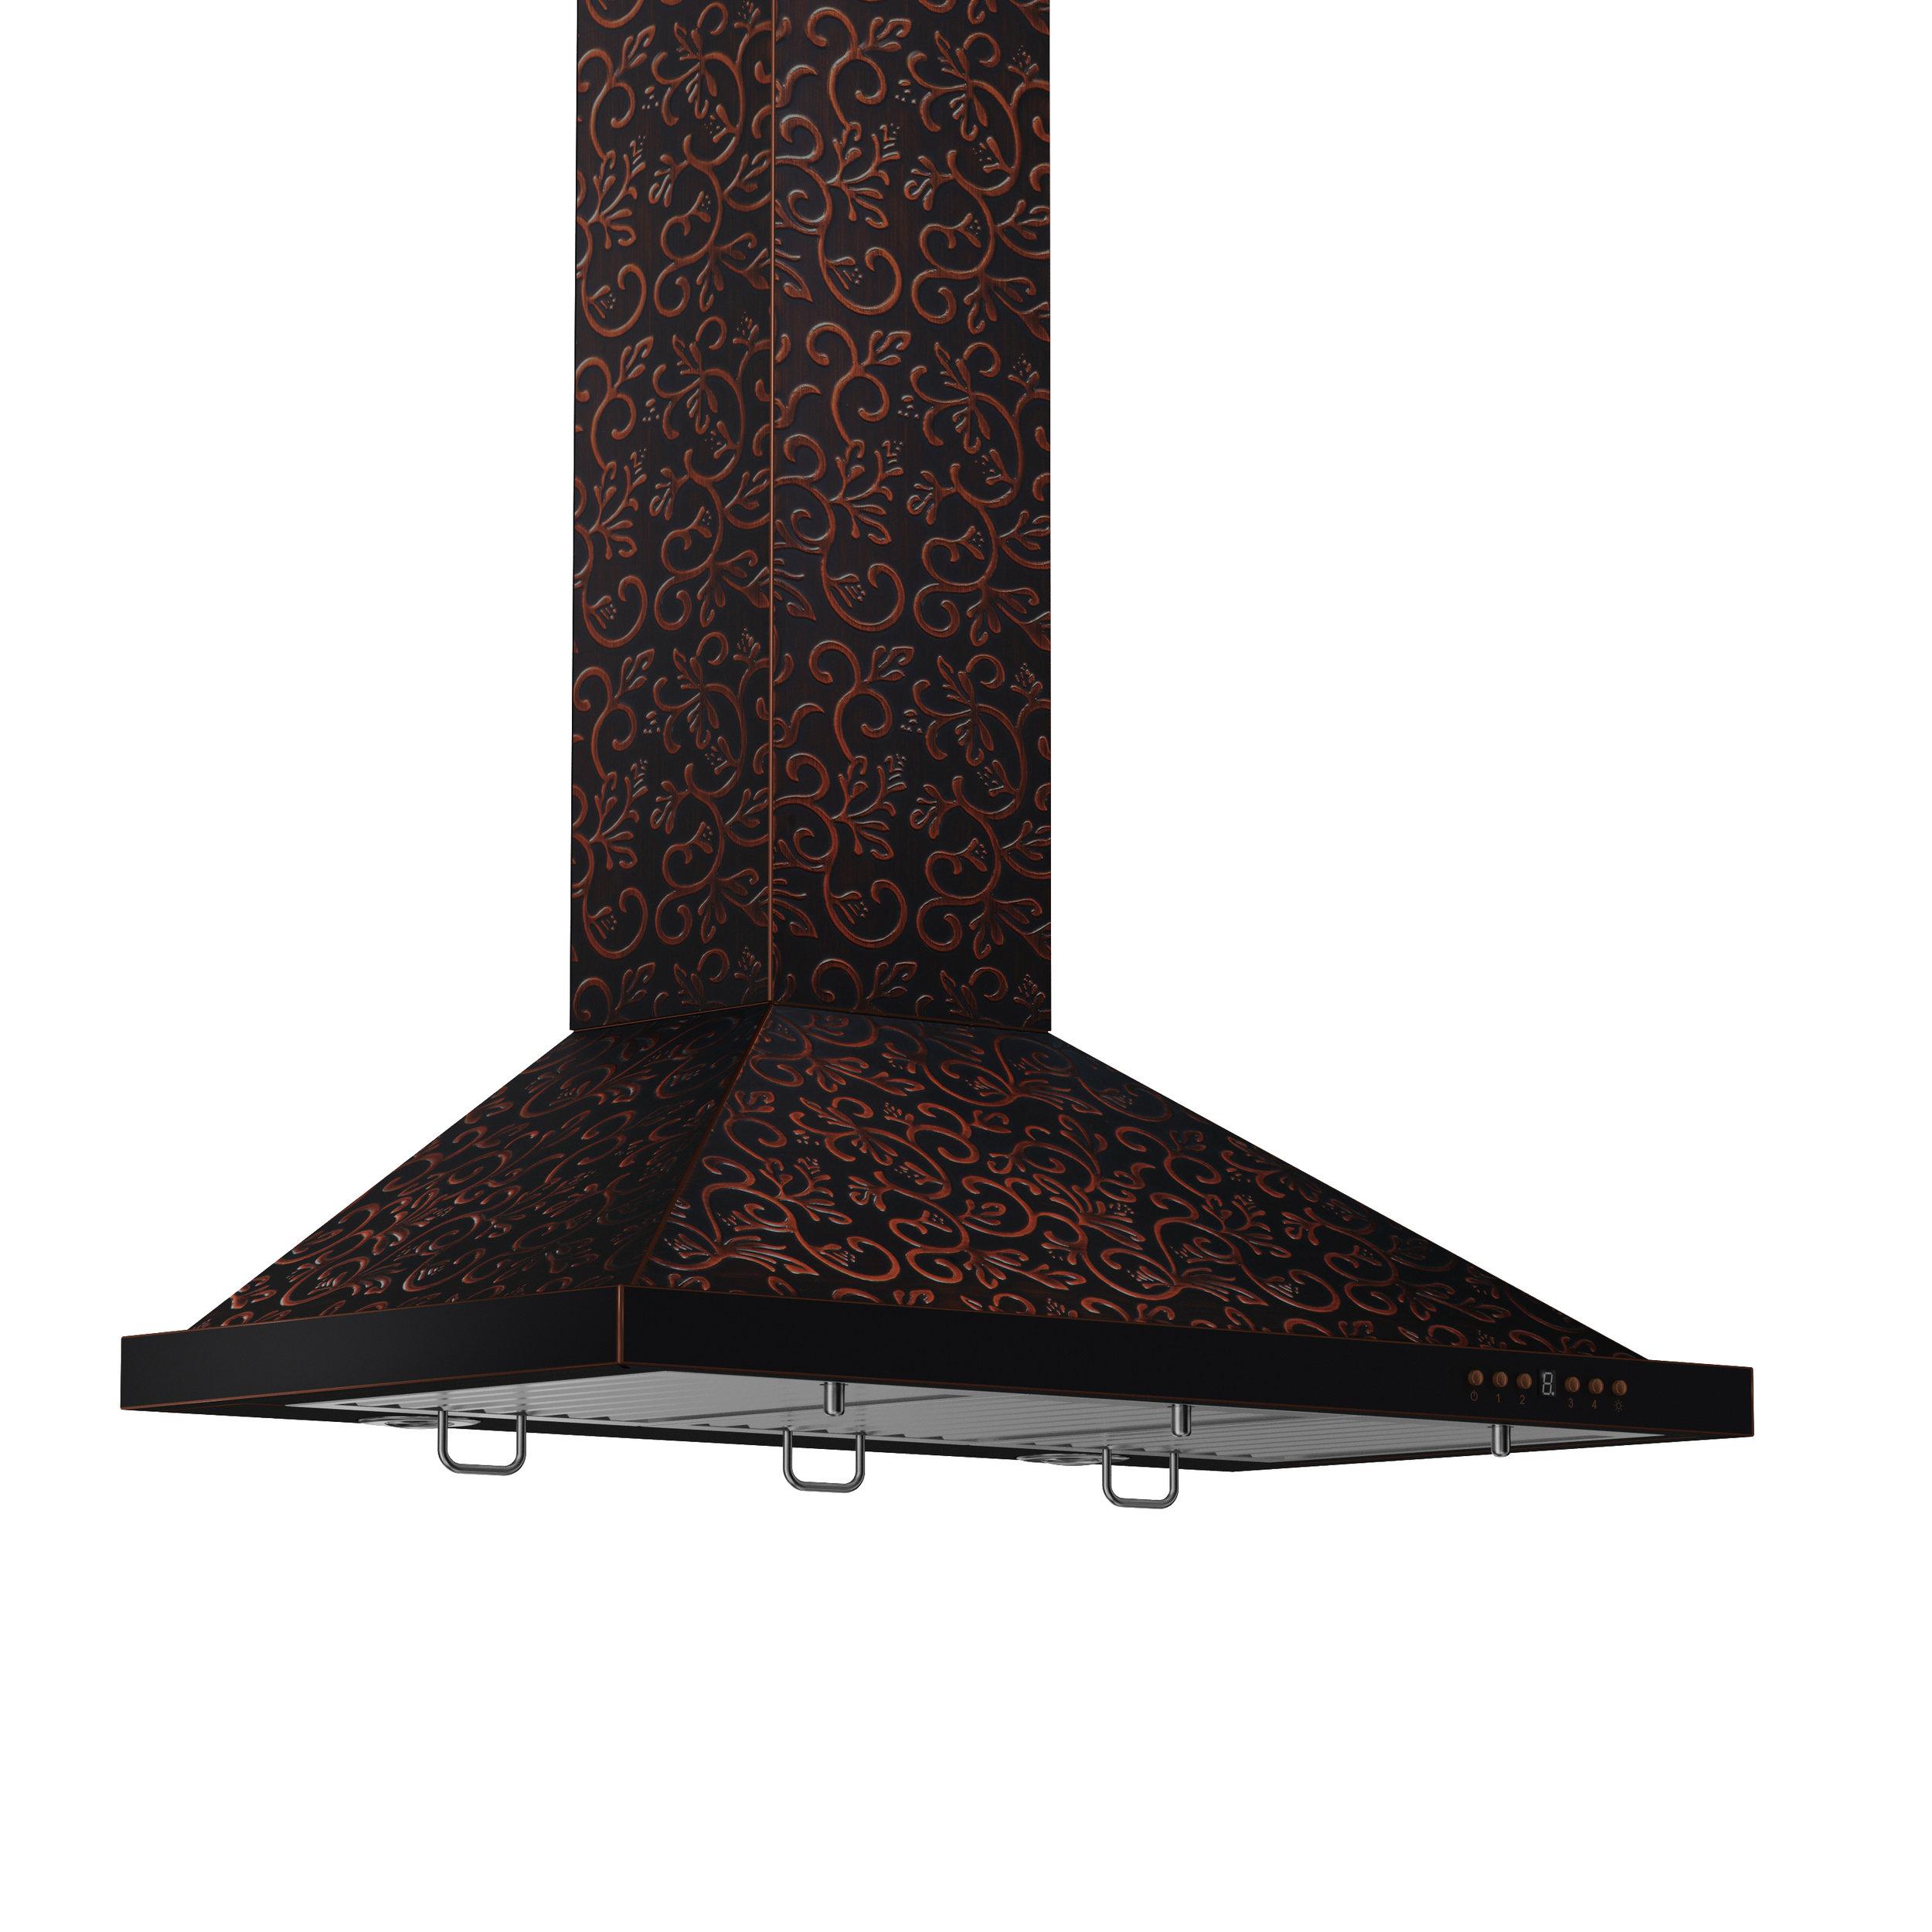 zline-copper-wall-mounted-range-hood-8KBF-main.jpg